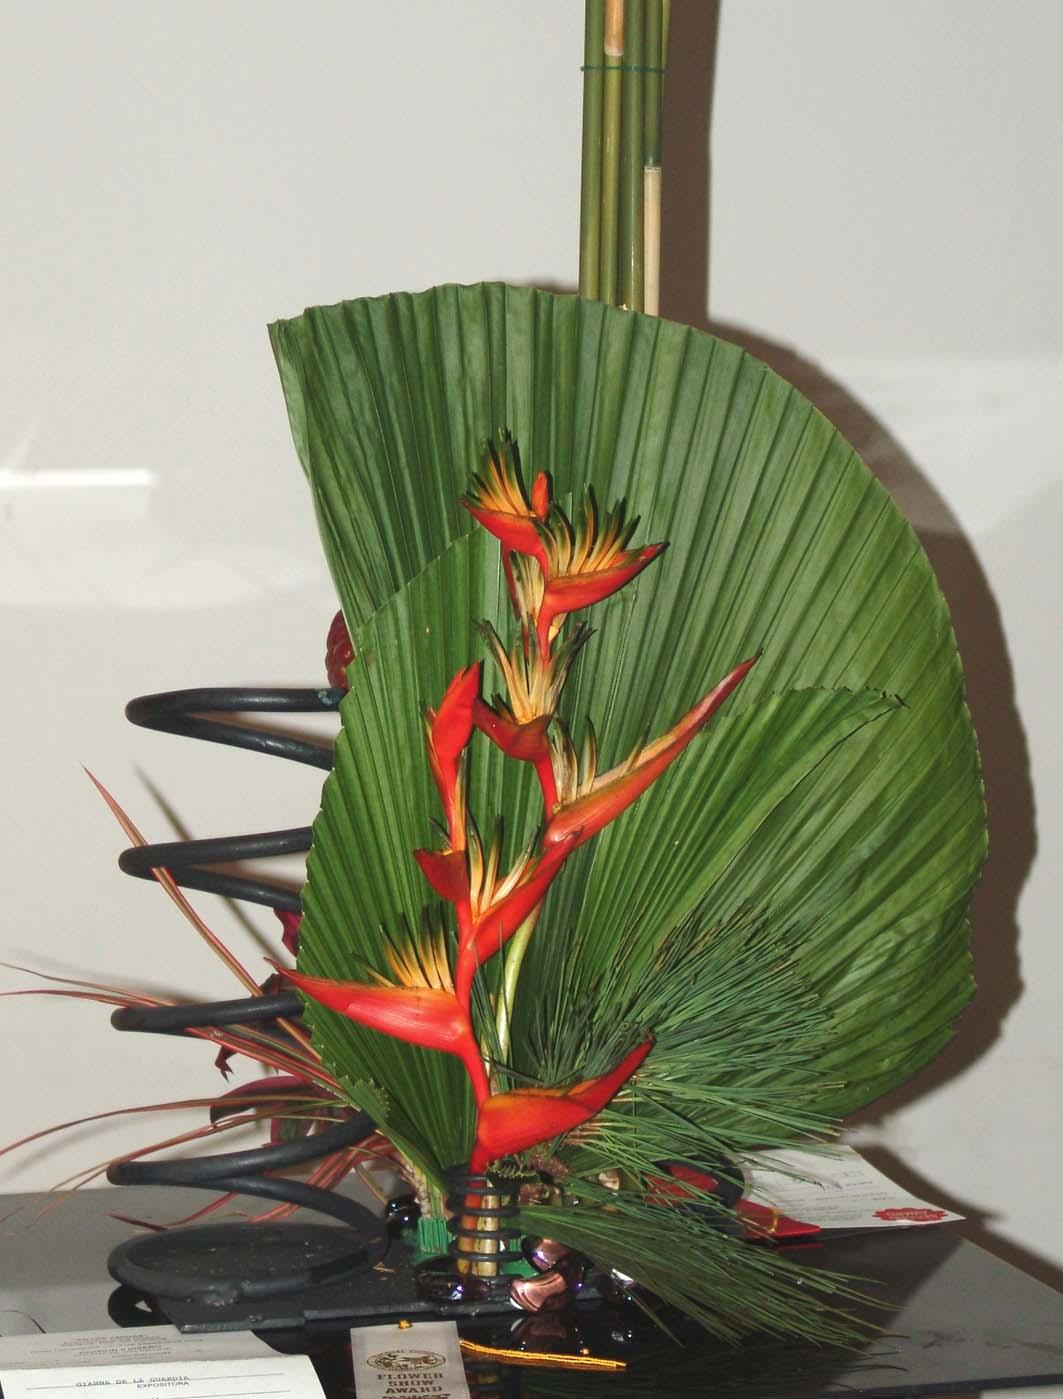 Arreglos florales creativos arreglos creativos d o amigas y rivales - Arreglos florales creativos ...